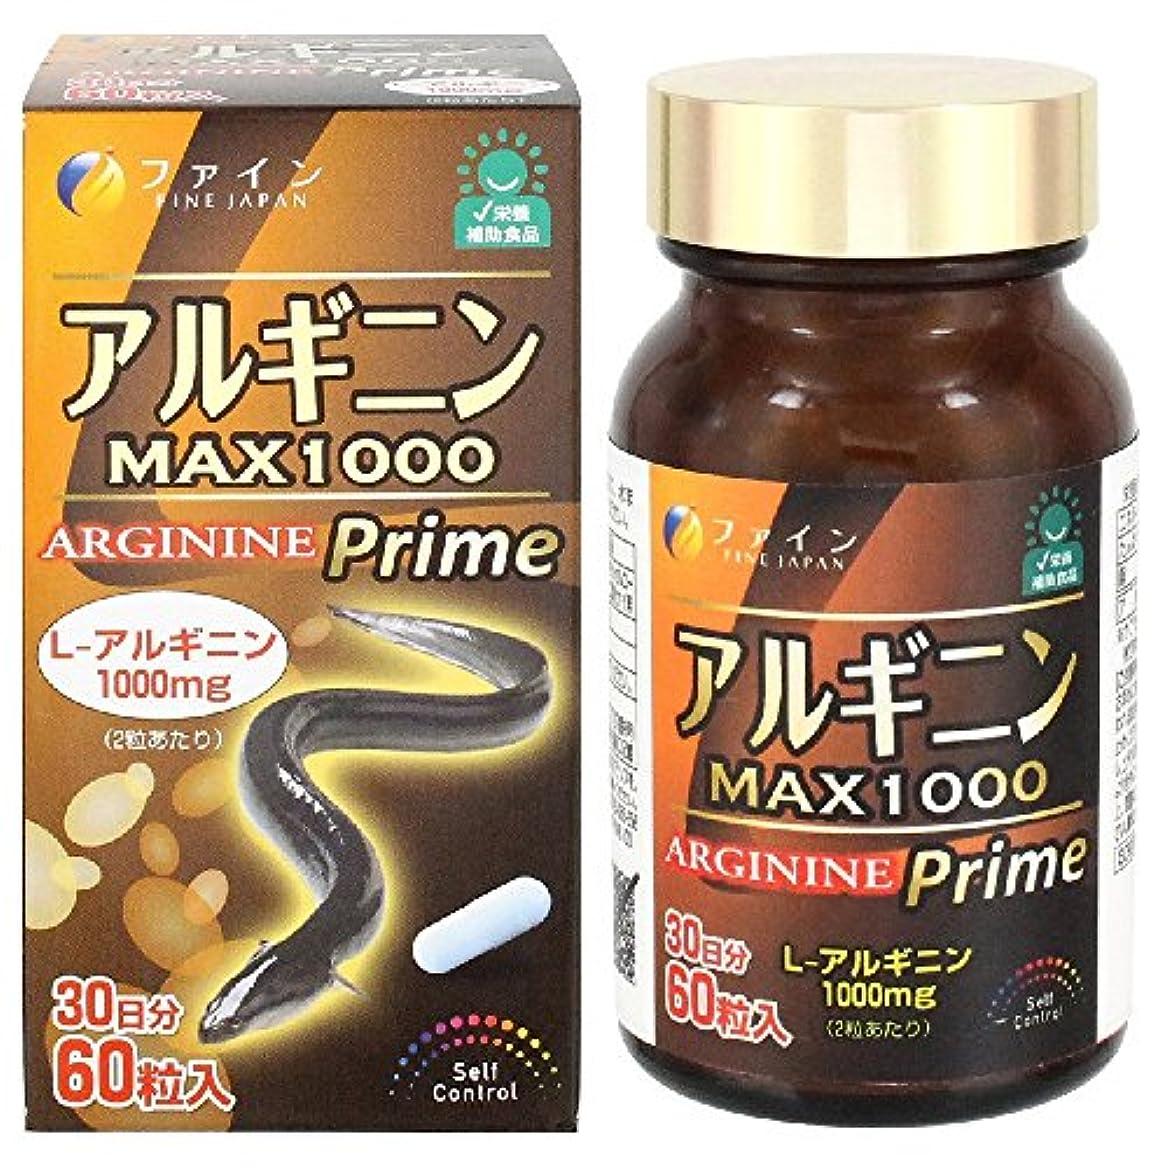 自信があるユニークな小麦粉ファイン アルギニン MAX1000 L-アルギニン1,000mg配合 30日分(60粒入)